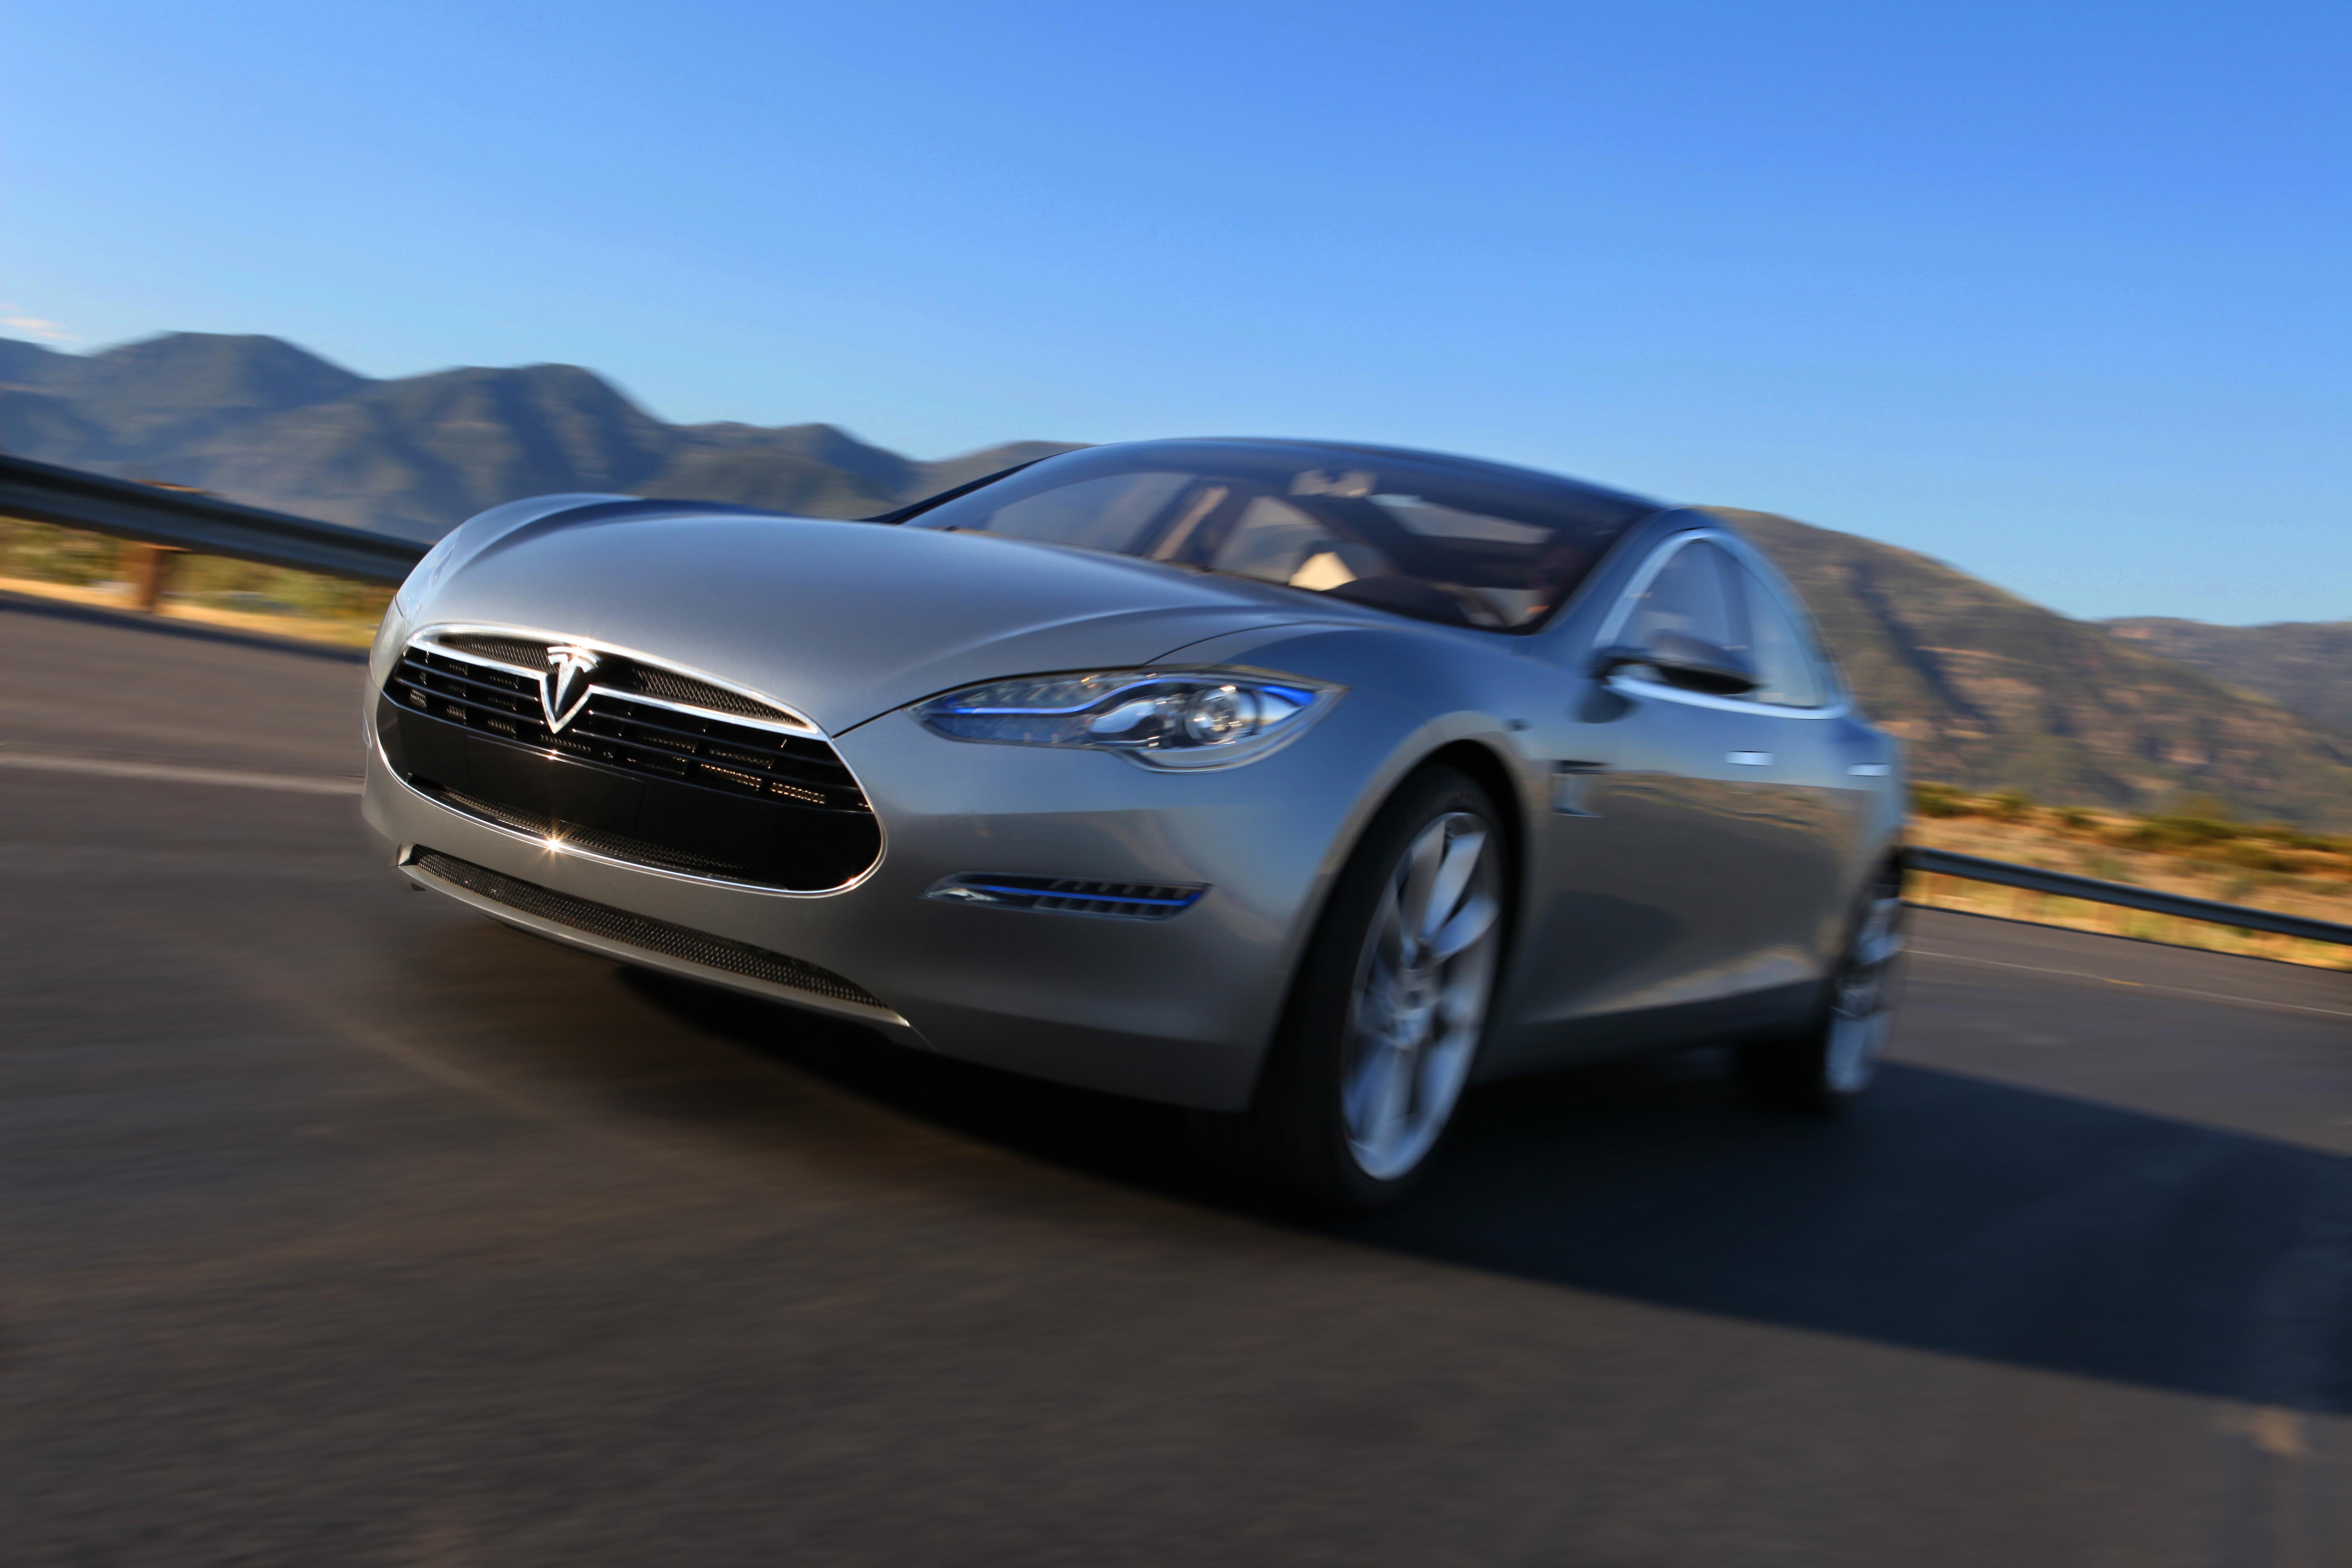 Картинка электромобиля тесла